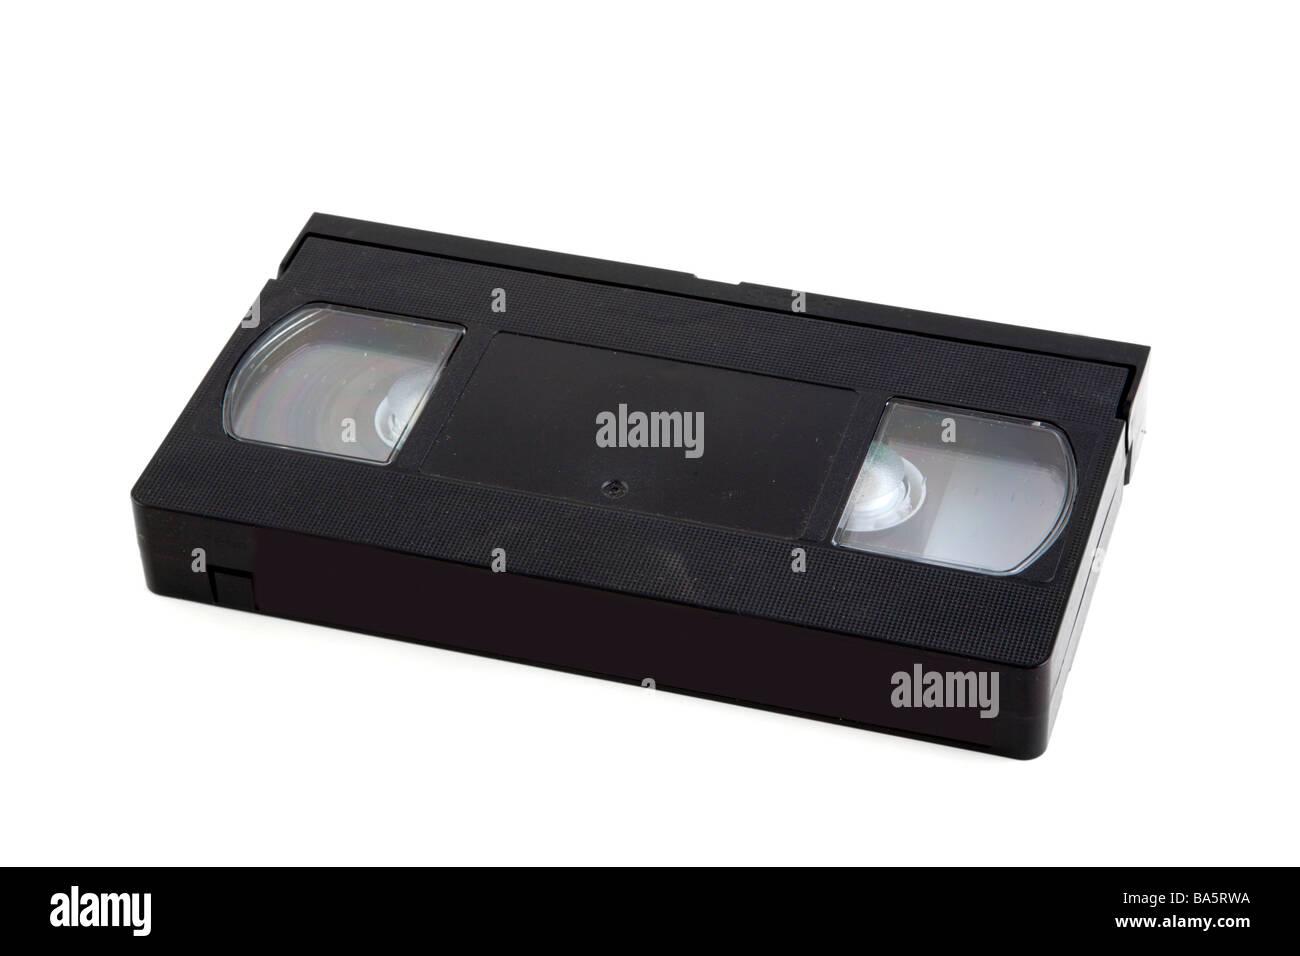 Une cassette vidéo VHS avec logos marques supprimé Photo Stock